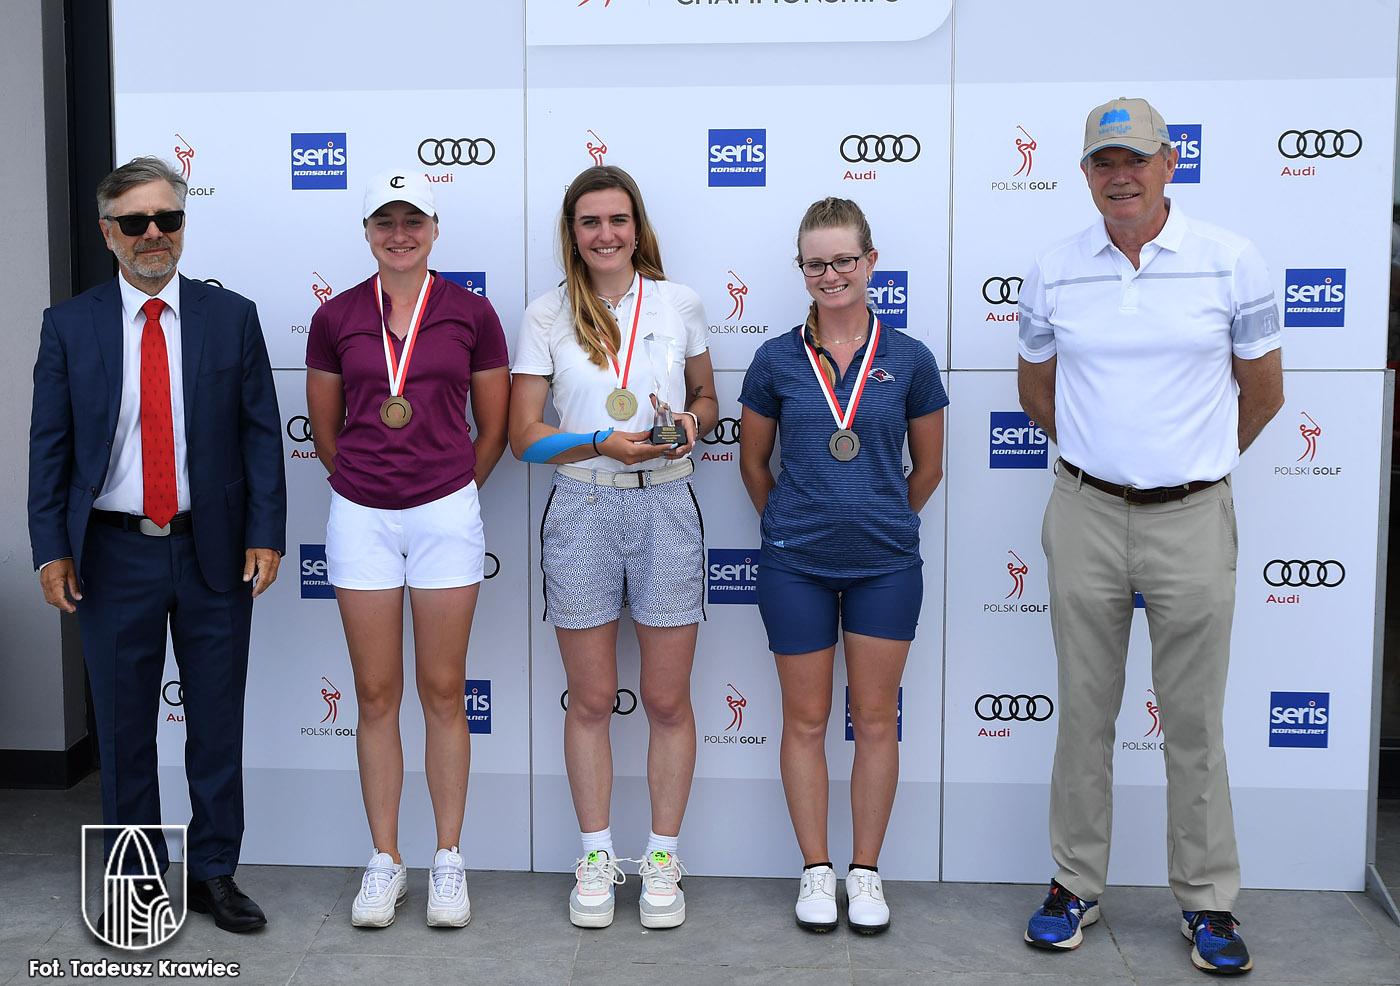 Choszczno - Mistrzostwa Polski w golfie